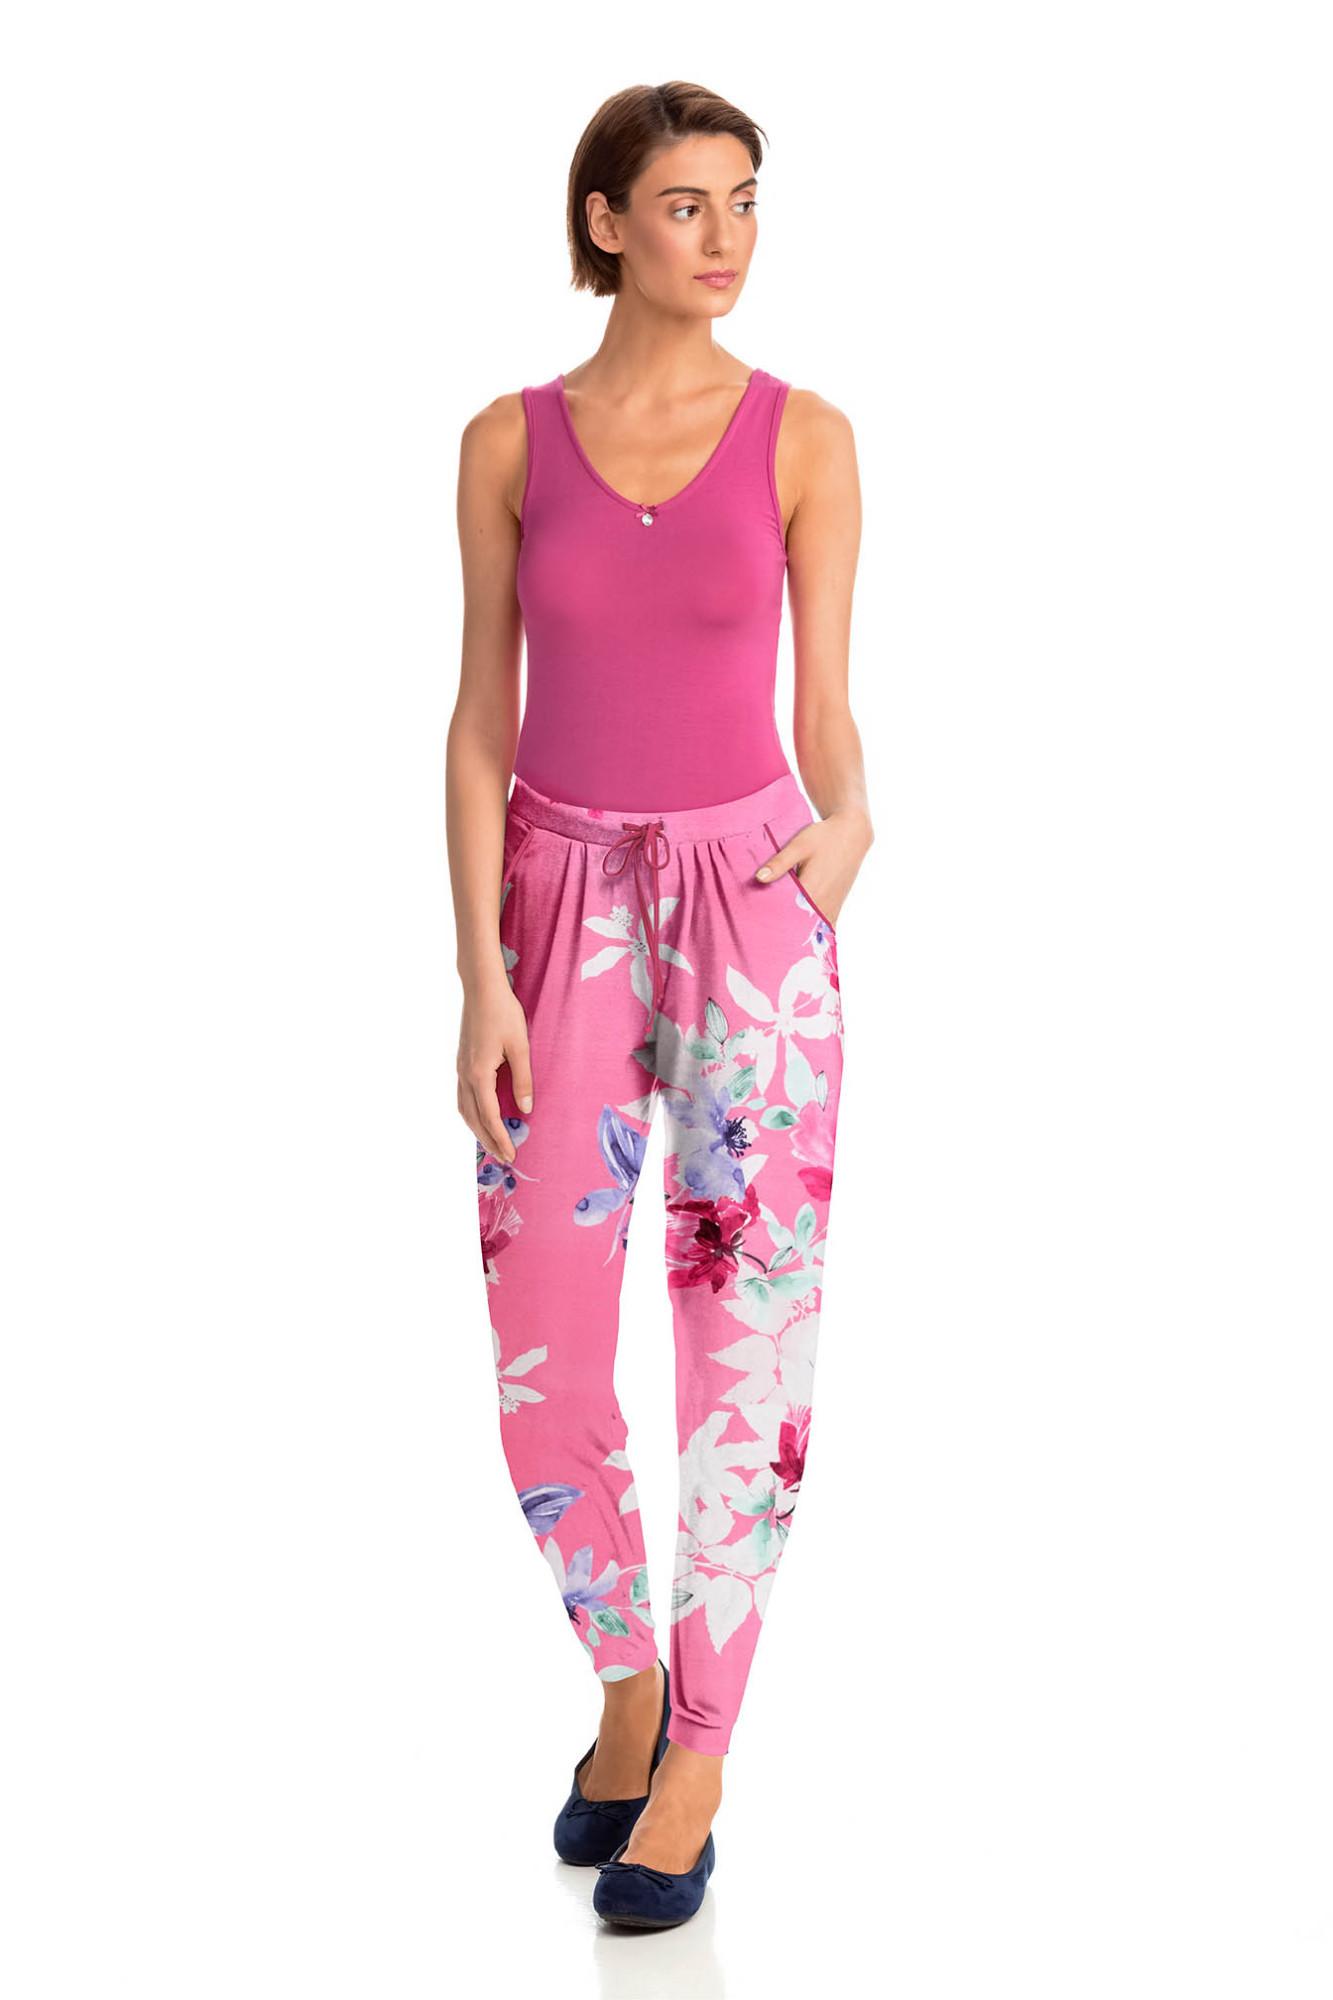 Vamp - Dámske štýlové pyžamové nohavice 14927 - Vamp fuchsia m